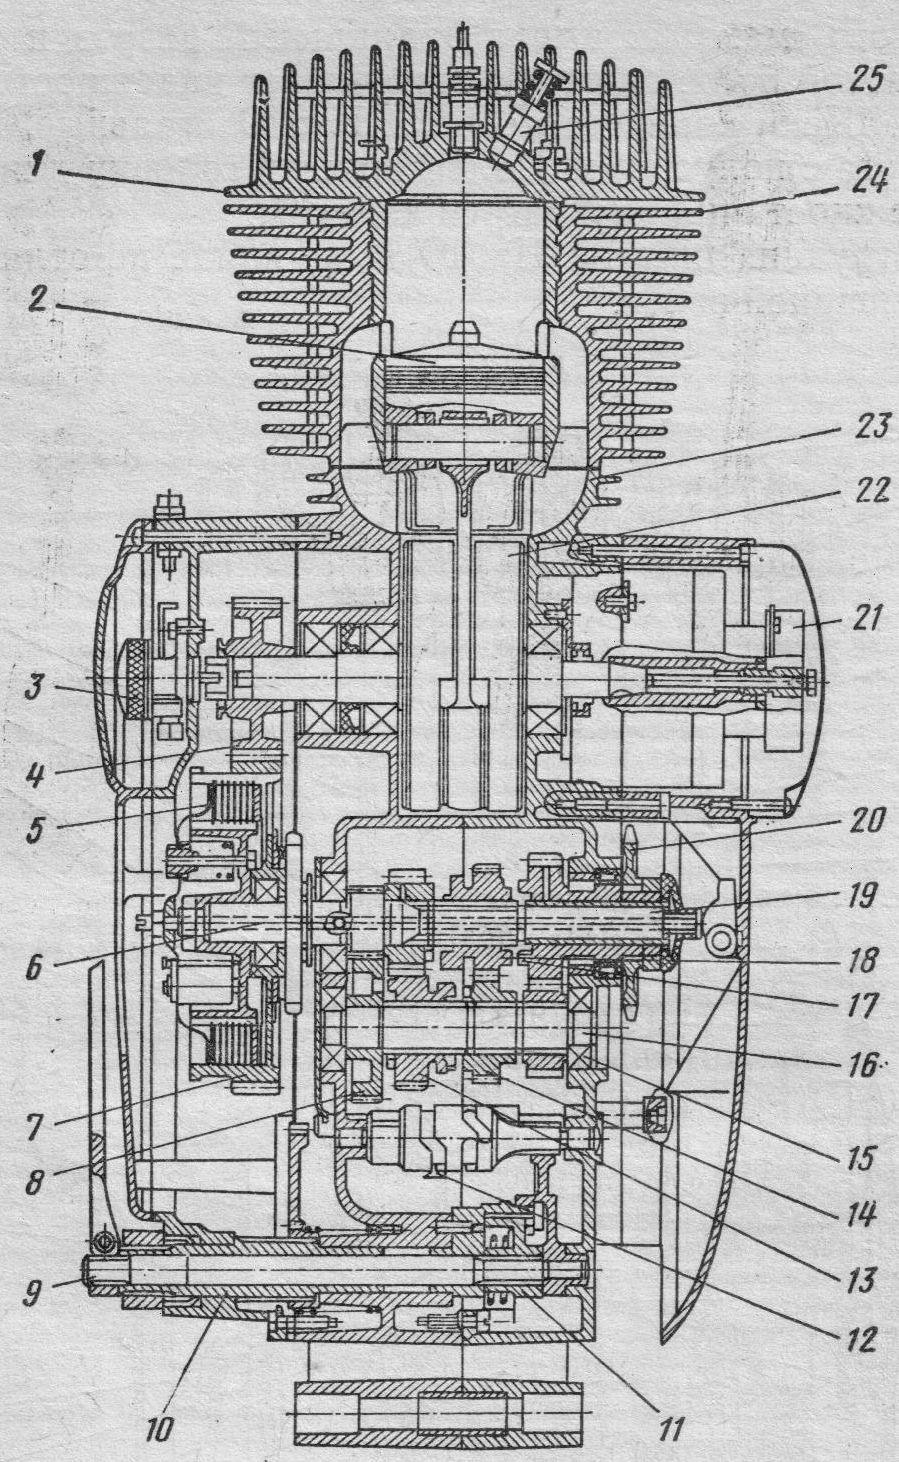 Двигатель Иж-Планета-Спорт в разрезе.